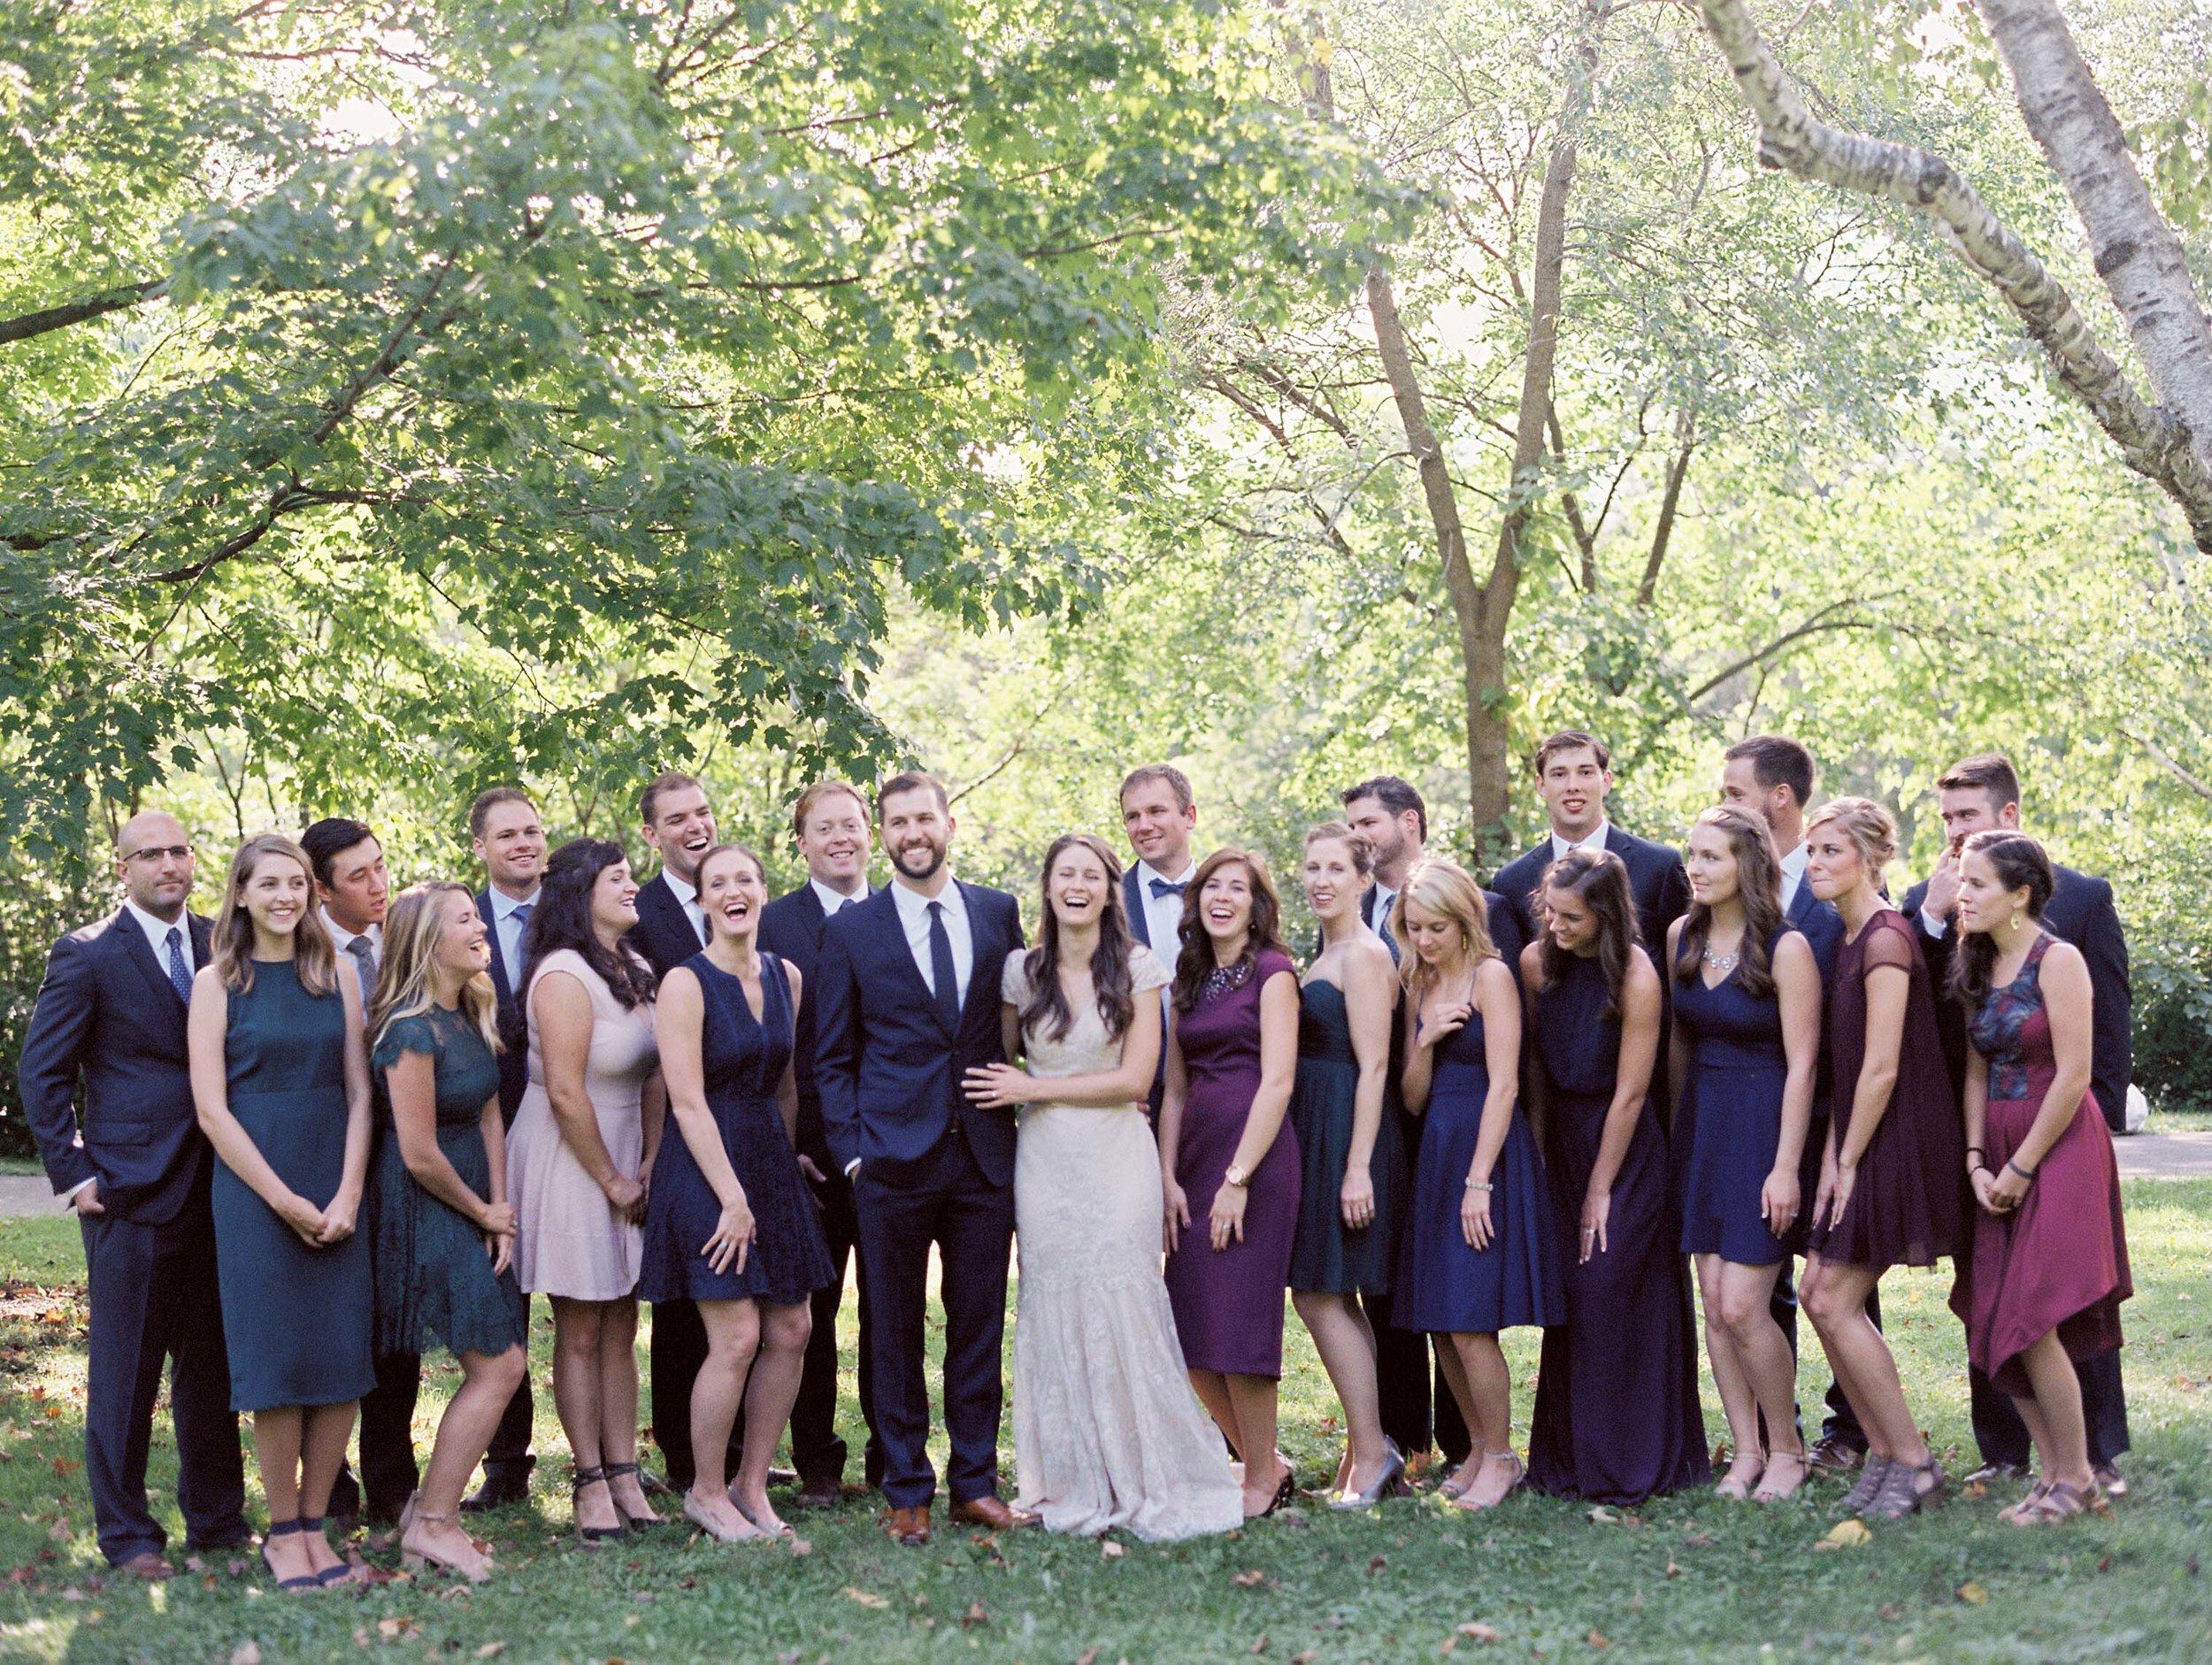 kateweinsteinphoto_clairewillie_wedding-233.jpg